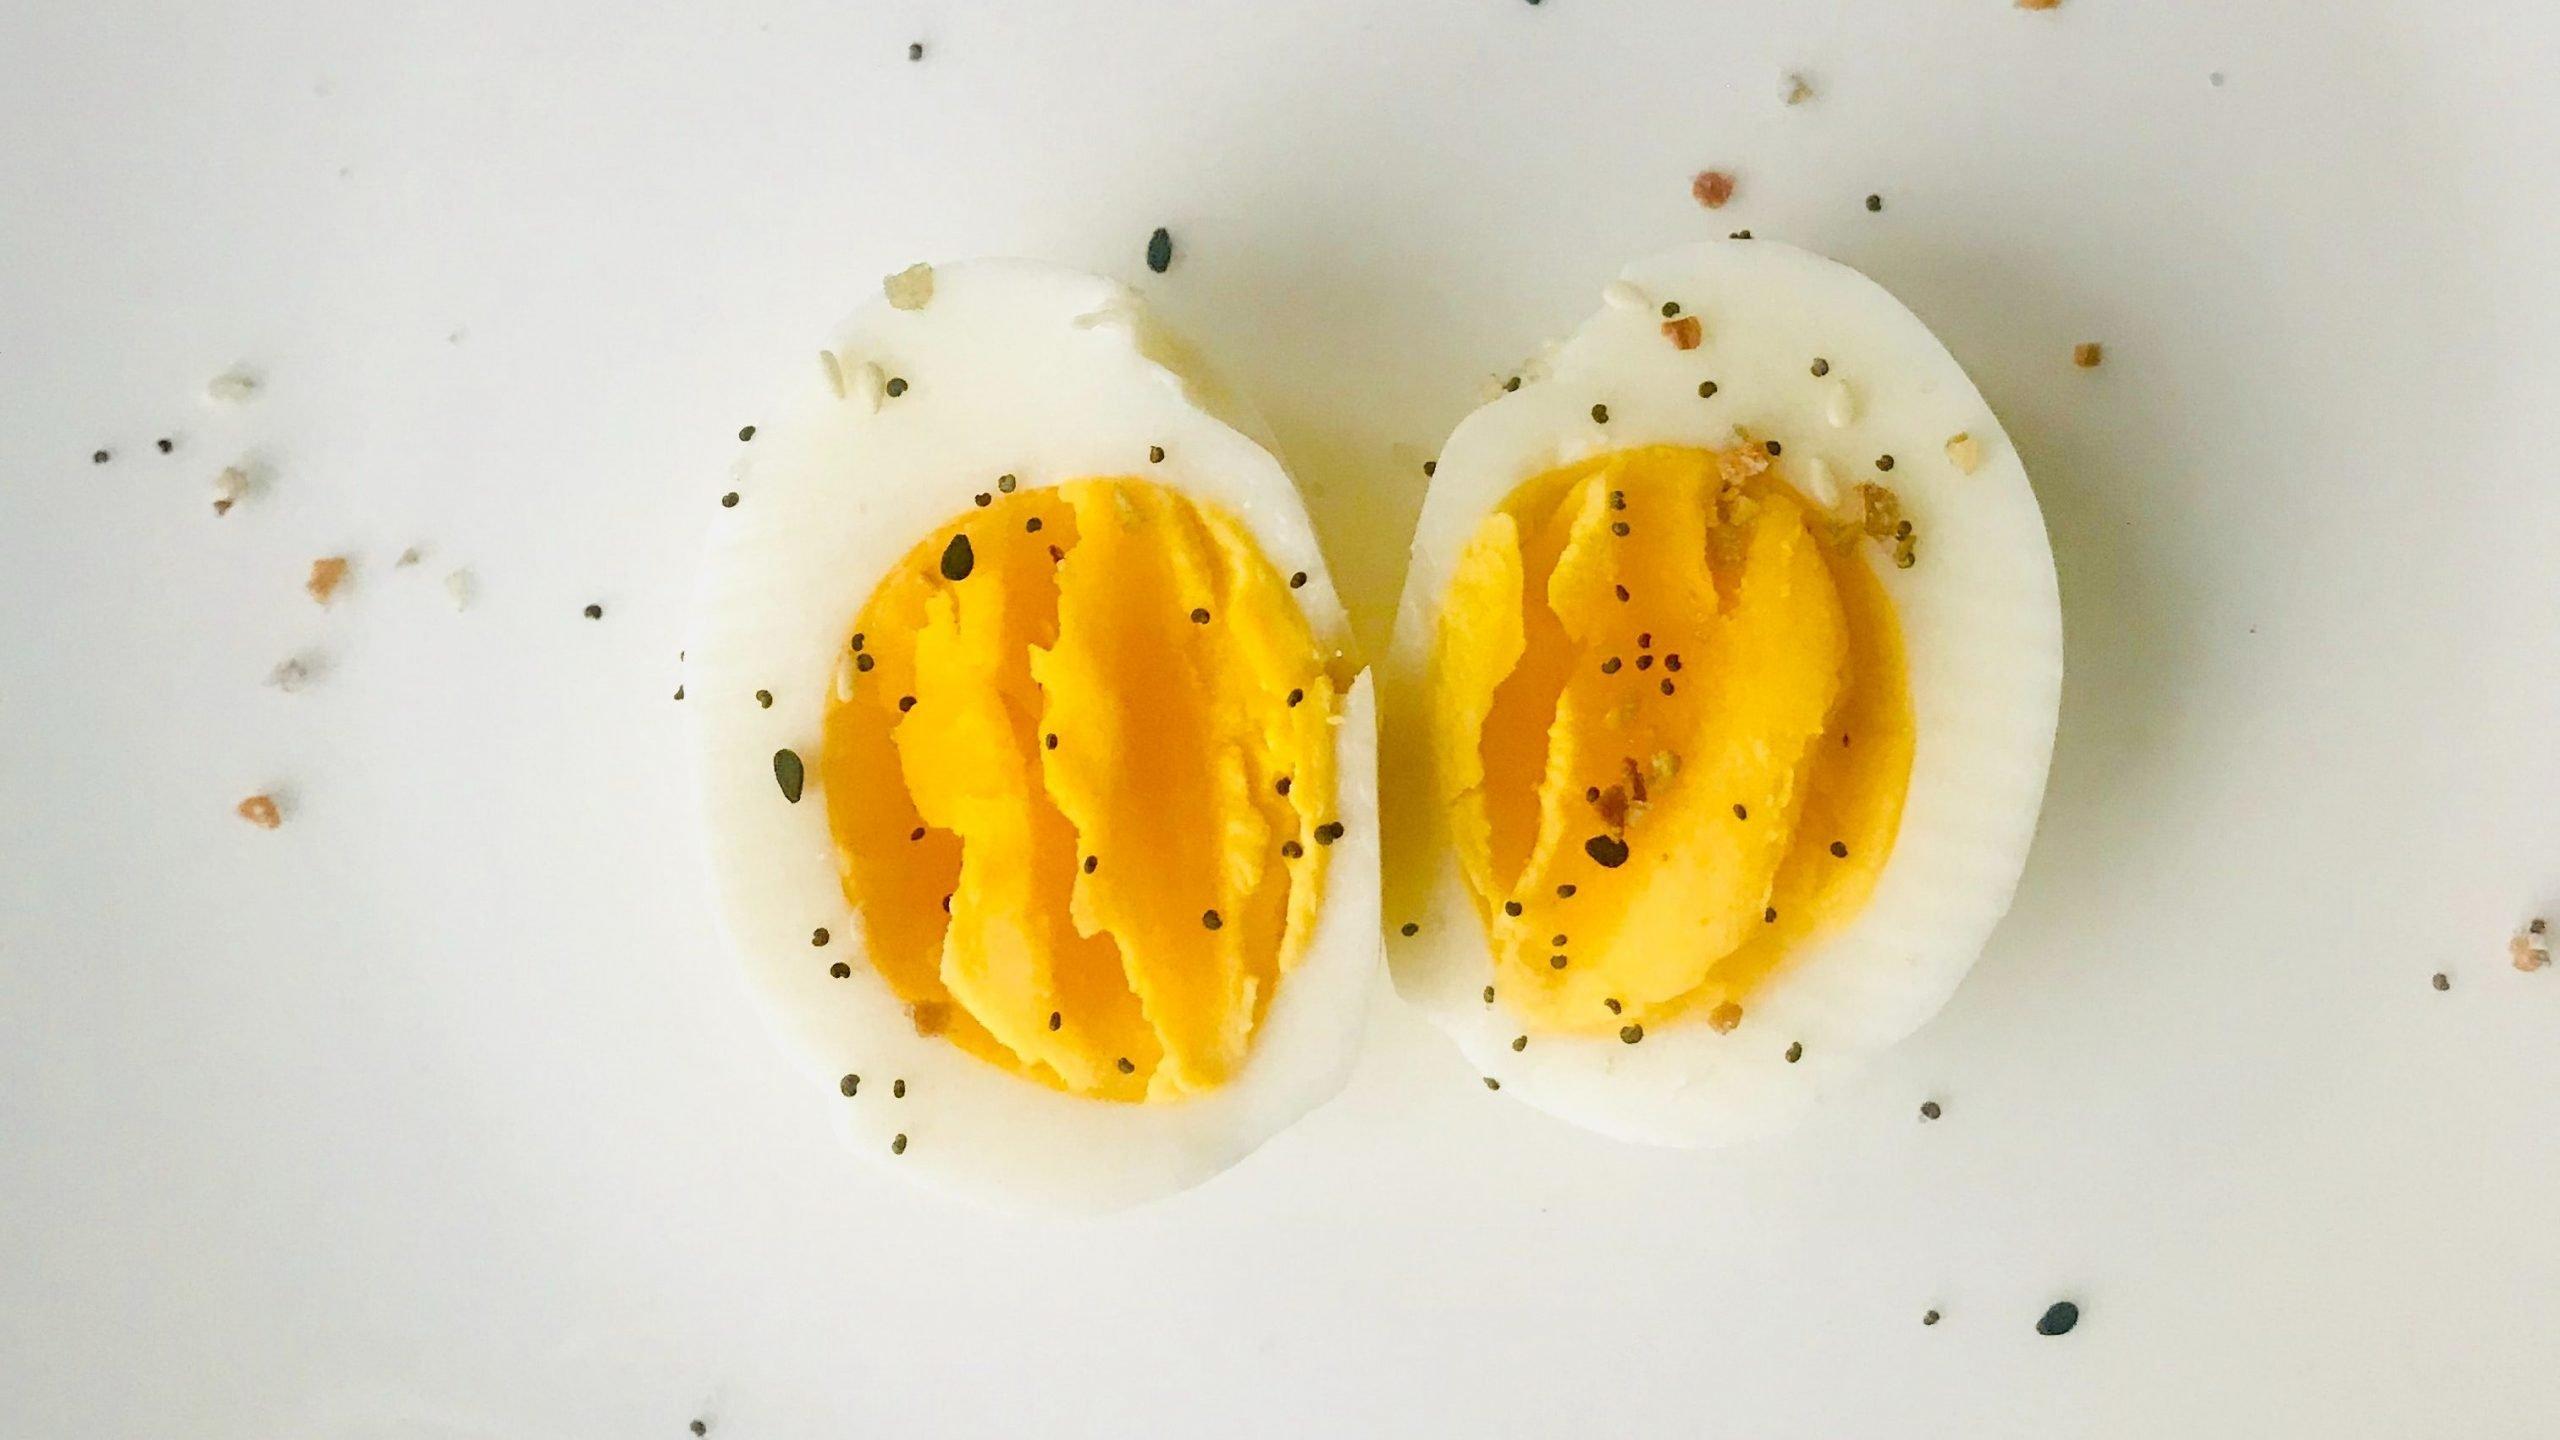 Hartgekochte Eier sind einfache Keto Snacks